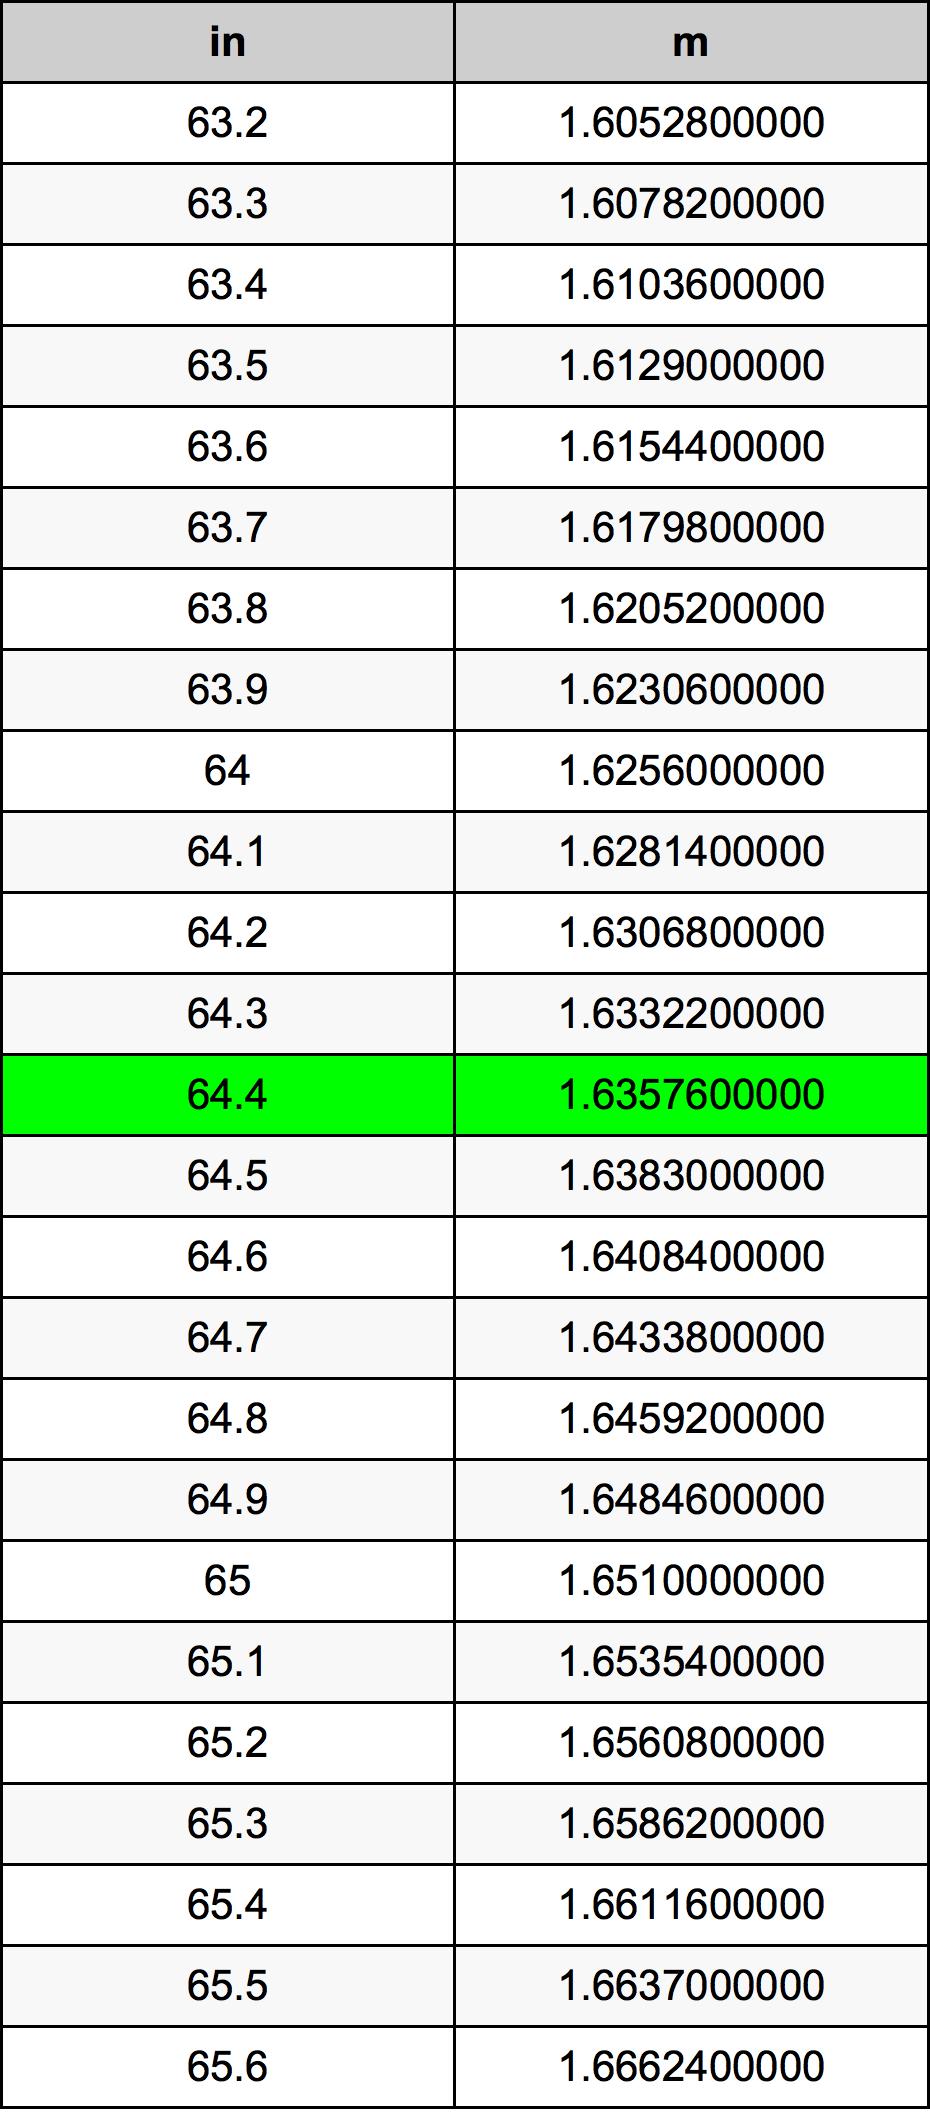 64.4英寸換算表